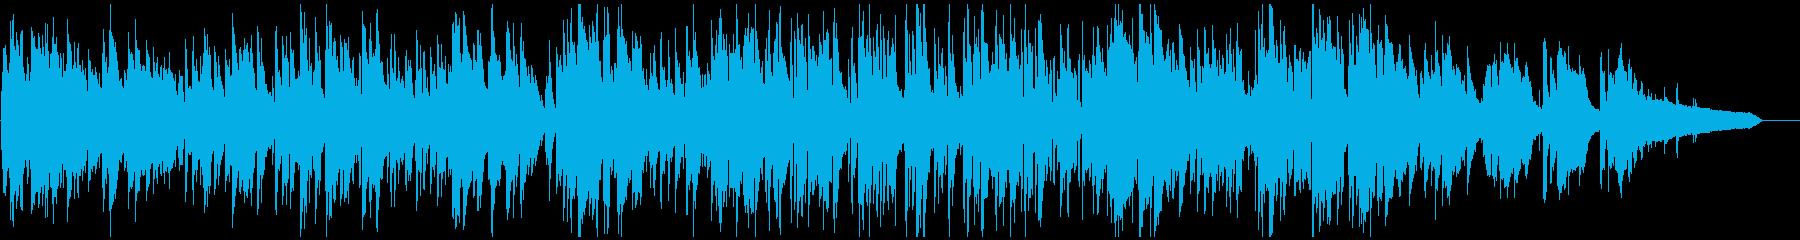 しっとり系ボサノバ、ソフトなサックスの再生済みの波形